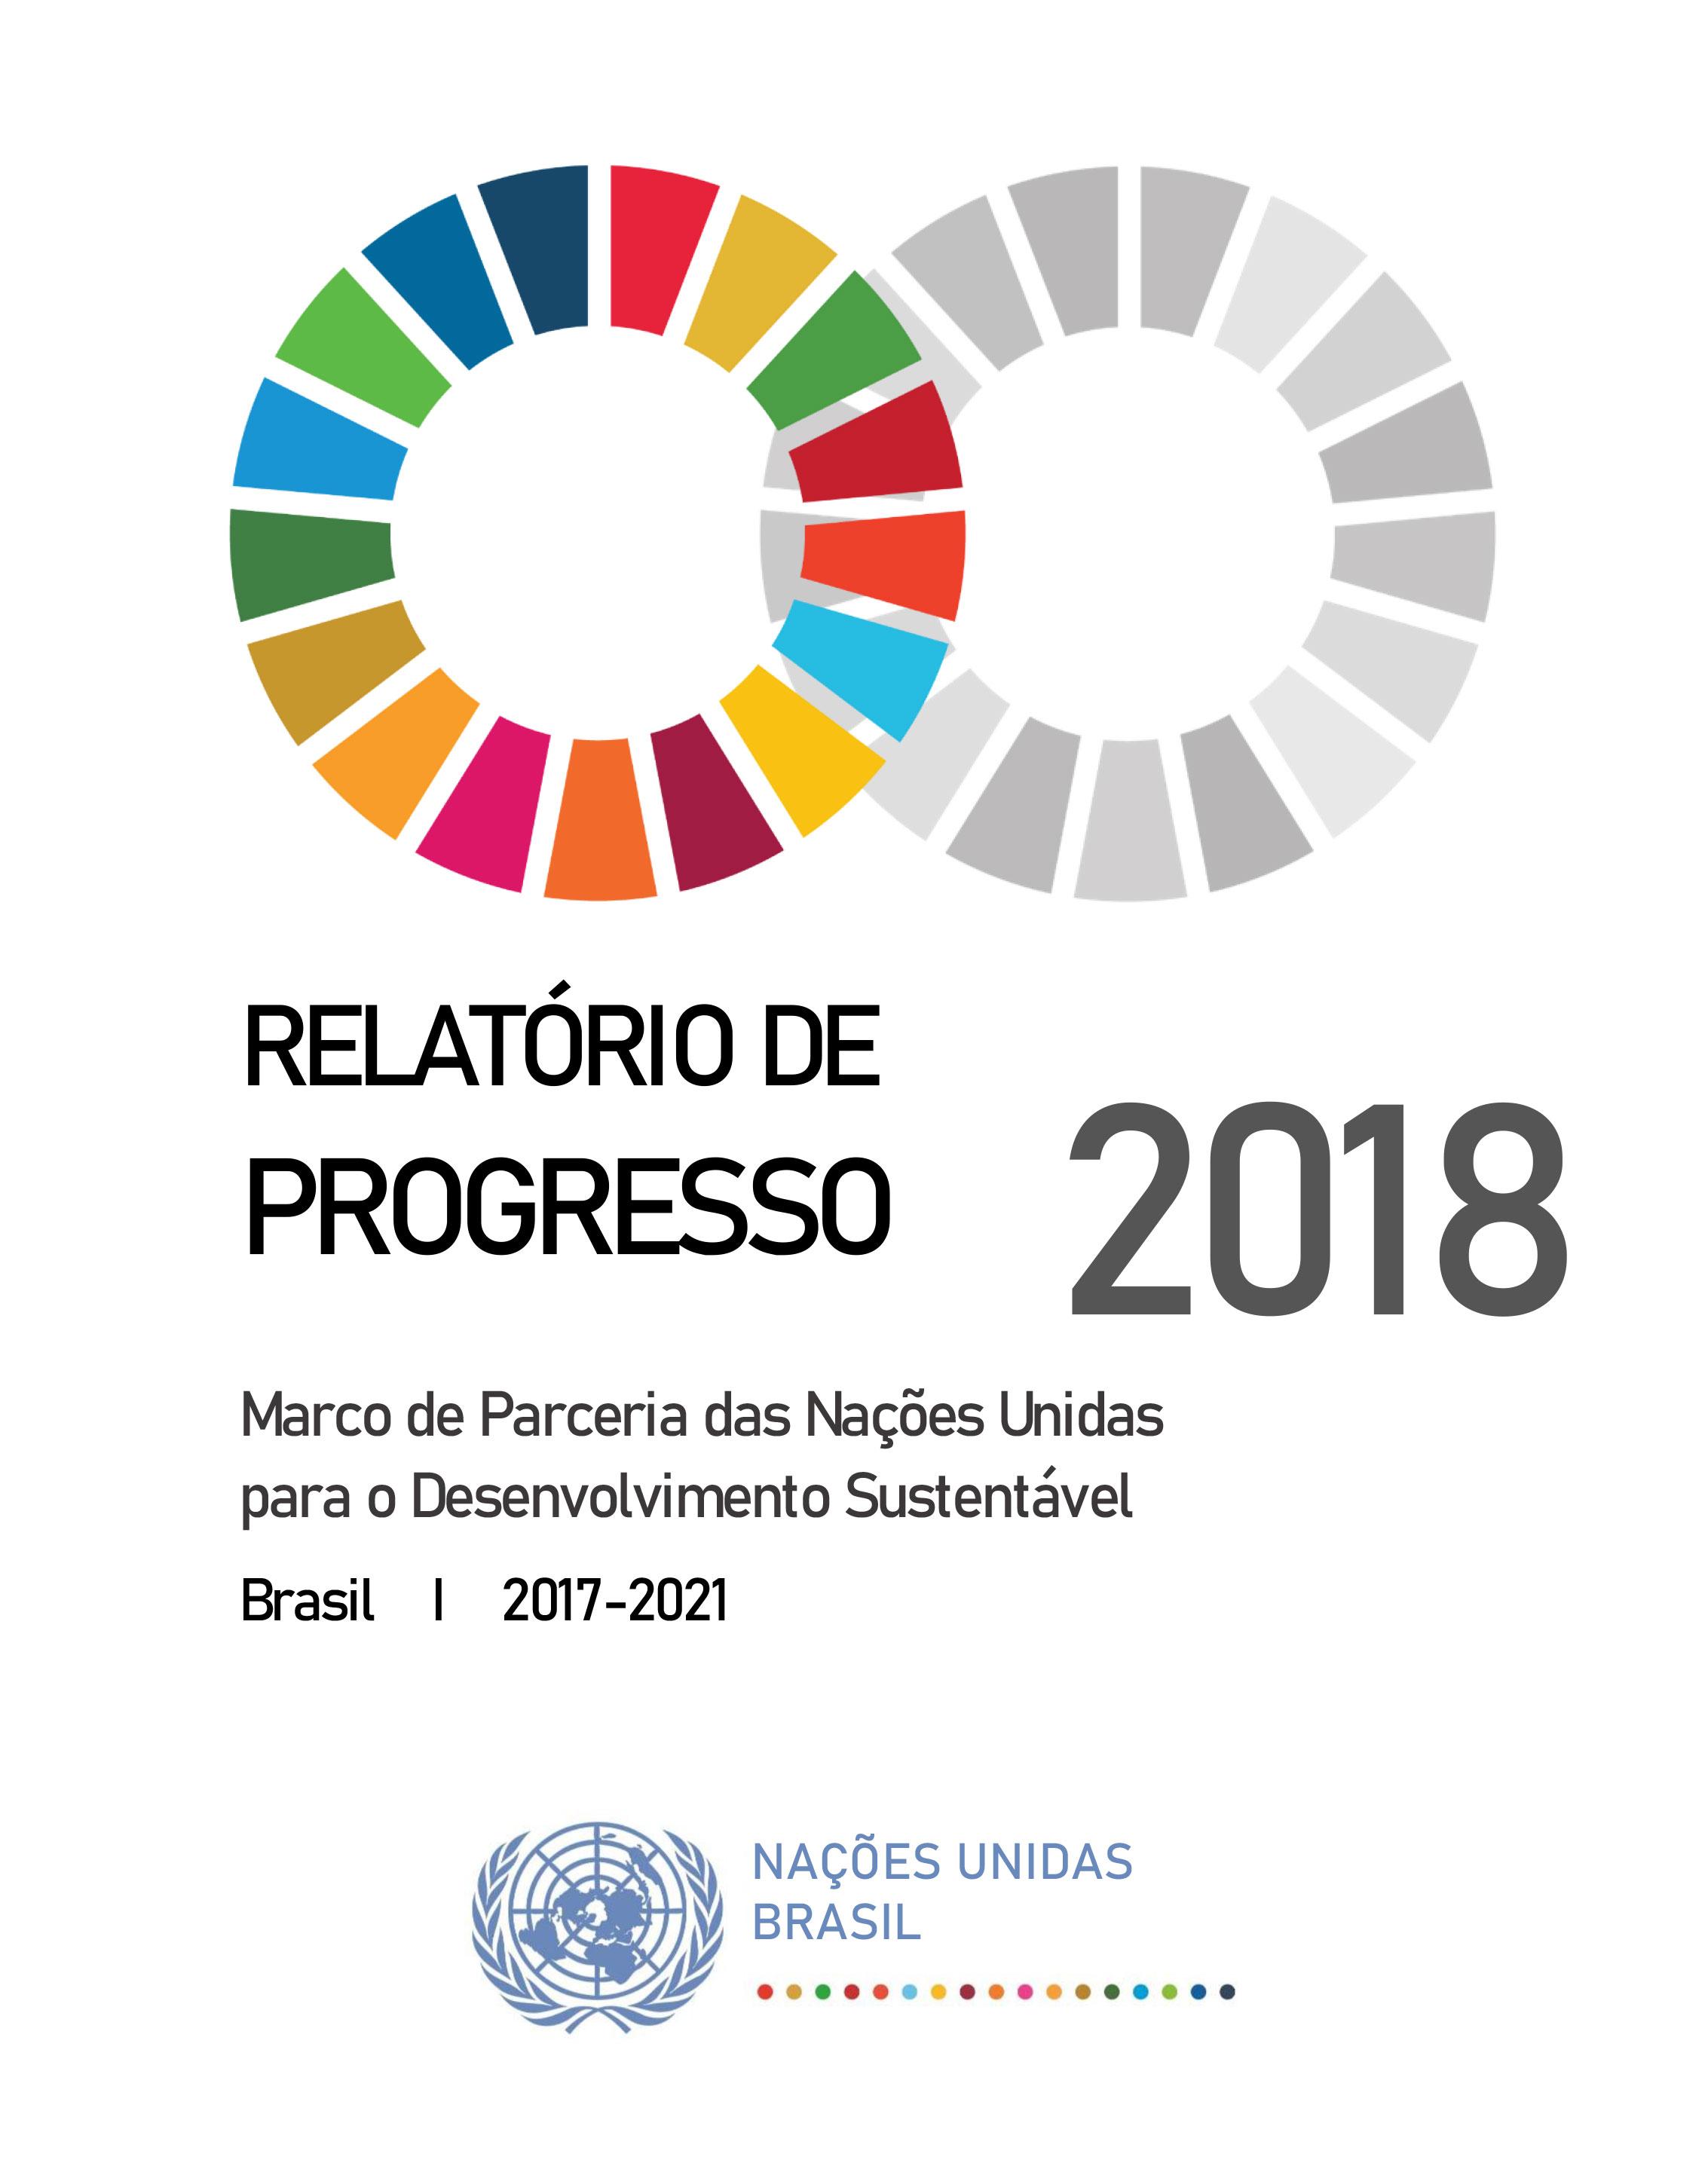 Marco de Parceria das Nações Unidas para o Desenvolvimento Sustentável 2017-2021: relatório de progresso 2018